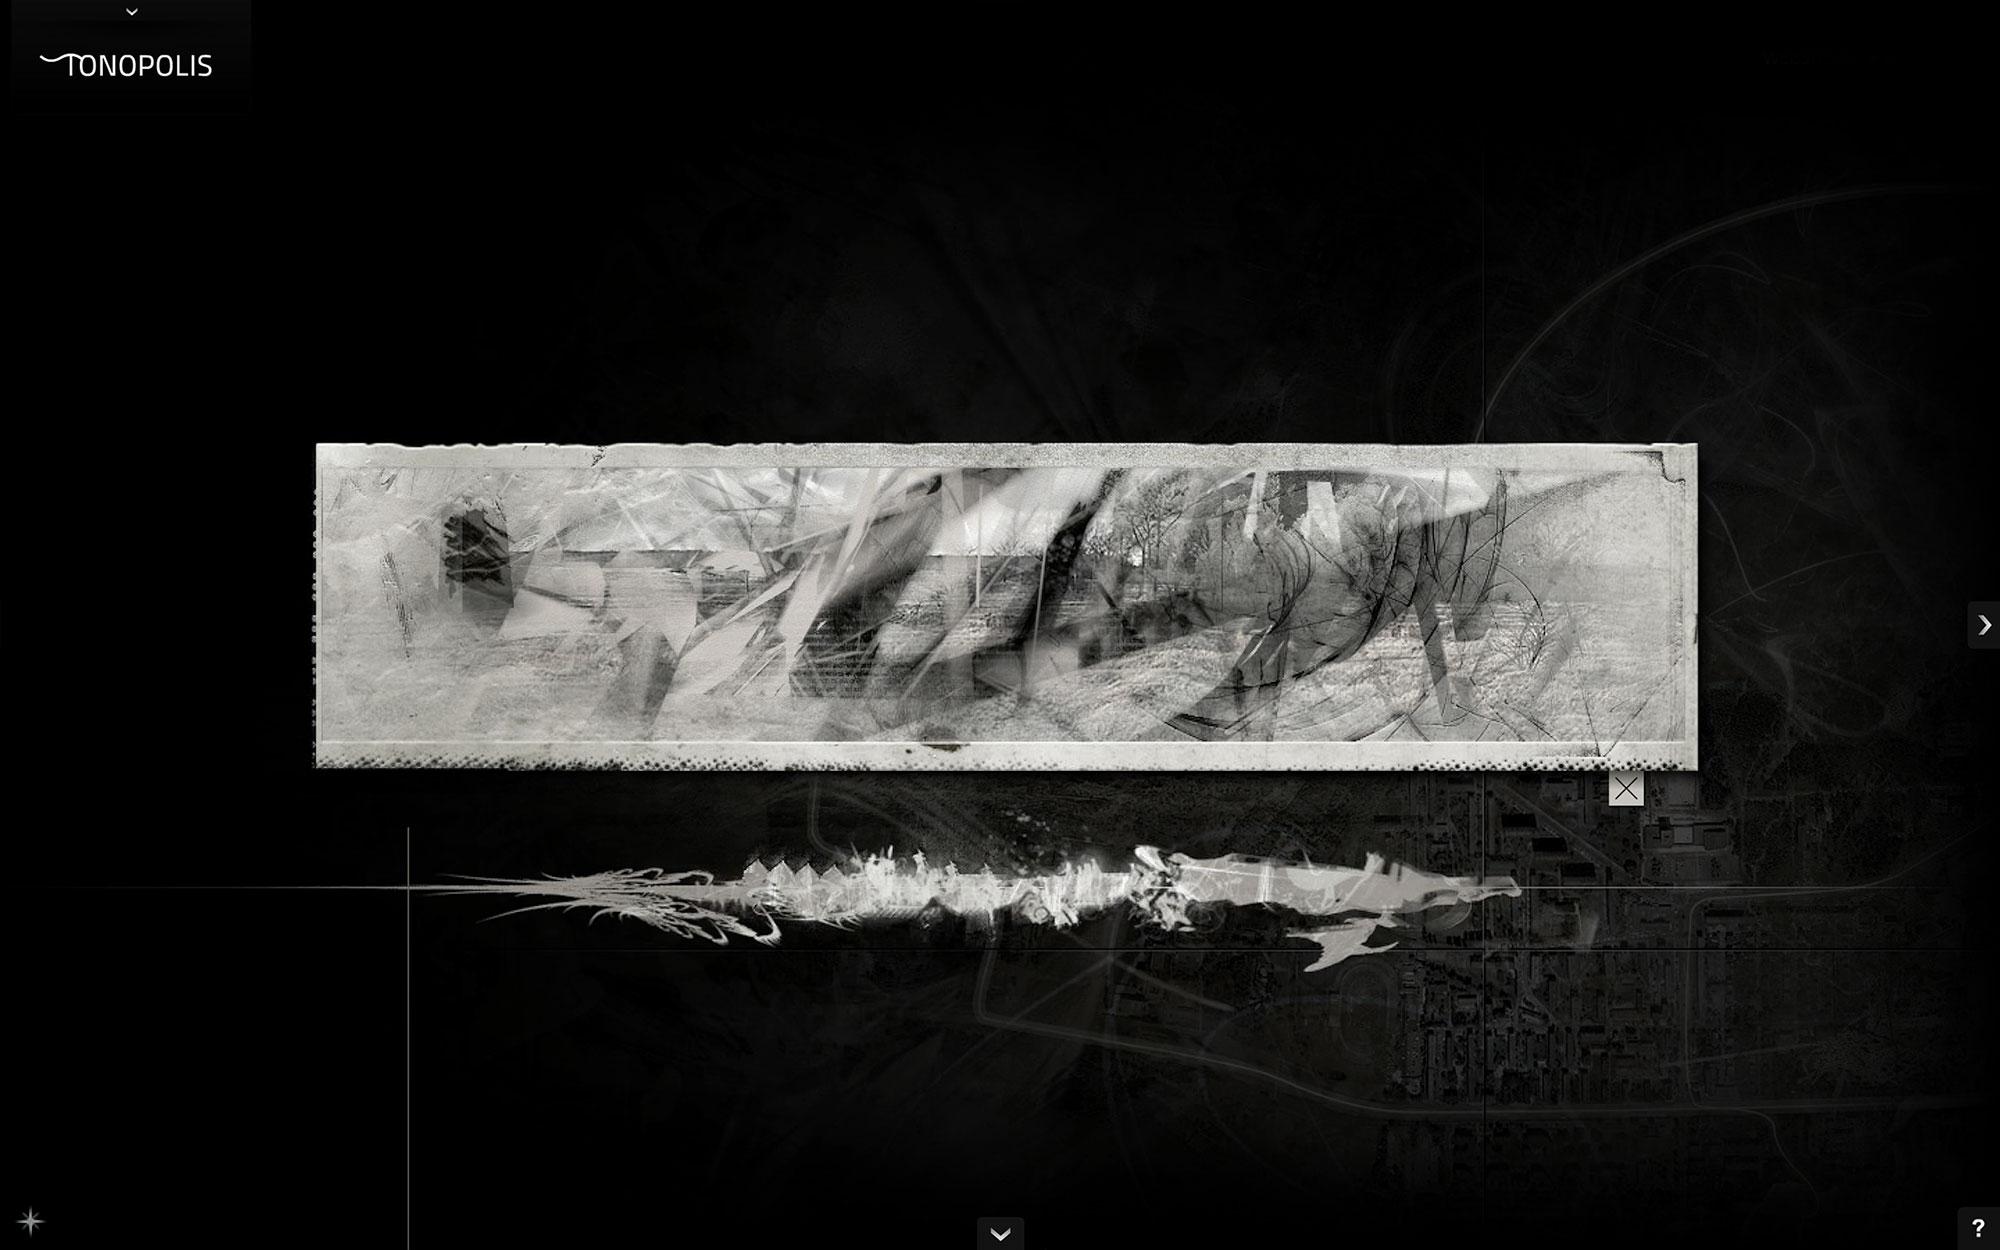 Jacek Doroszenko - Tonopolis, interactive installation, screen 2